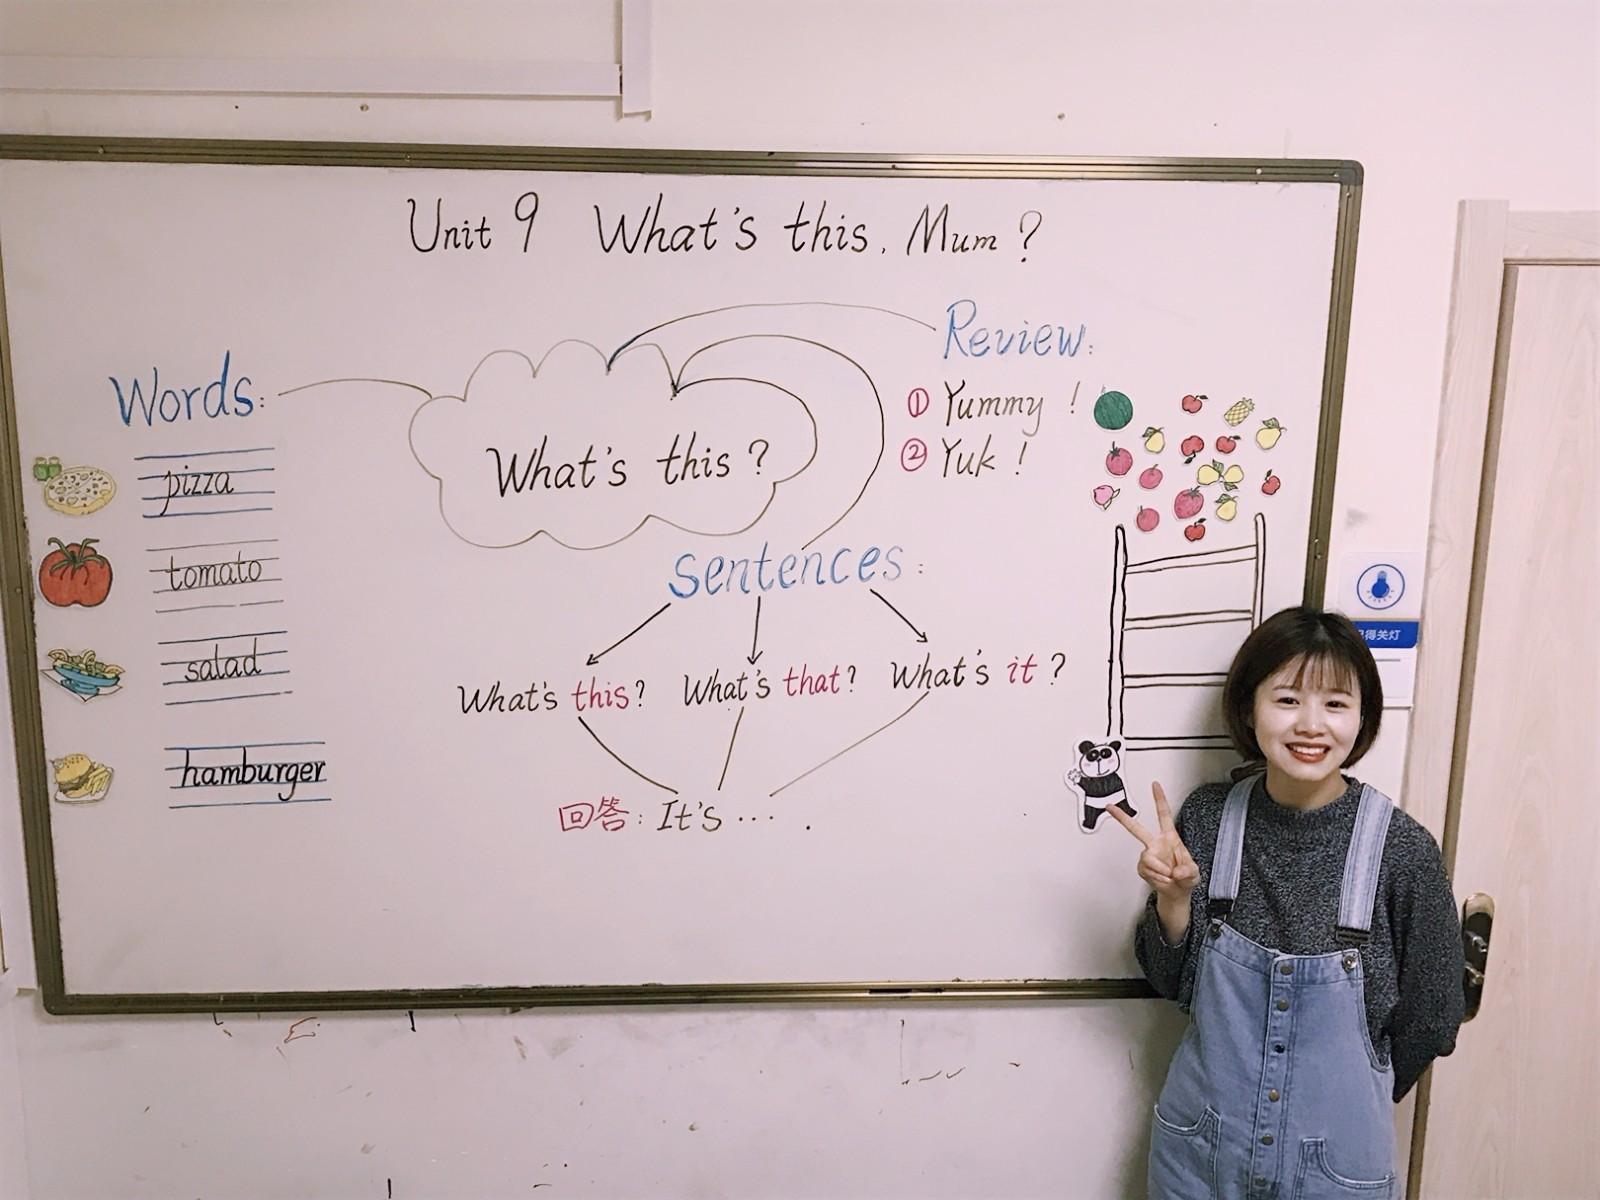 教育 正文  初中语文 刘老师 小学数学 李老师 小学英语组 小学英语图片